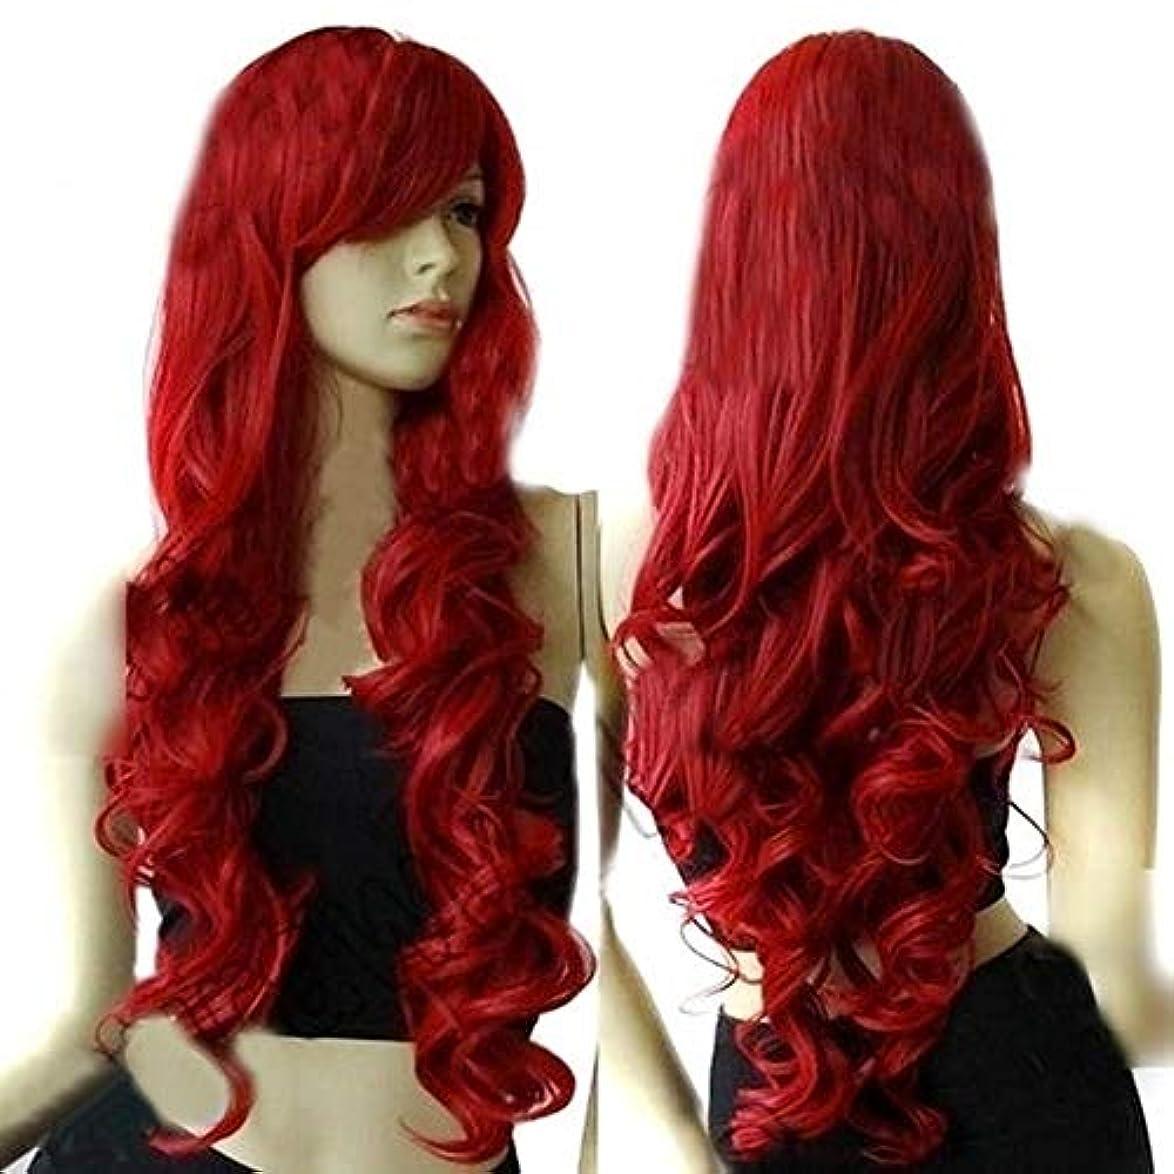 日曜日シリーズ永続slQinjiansav女性ウィッグ修理ツールファッション女性ロングカーリーワイン赤ウィッグコスプレパーティーヘアピースヘアエクステンション